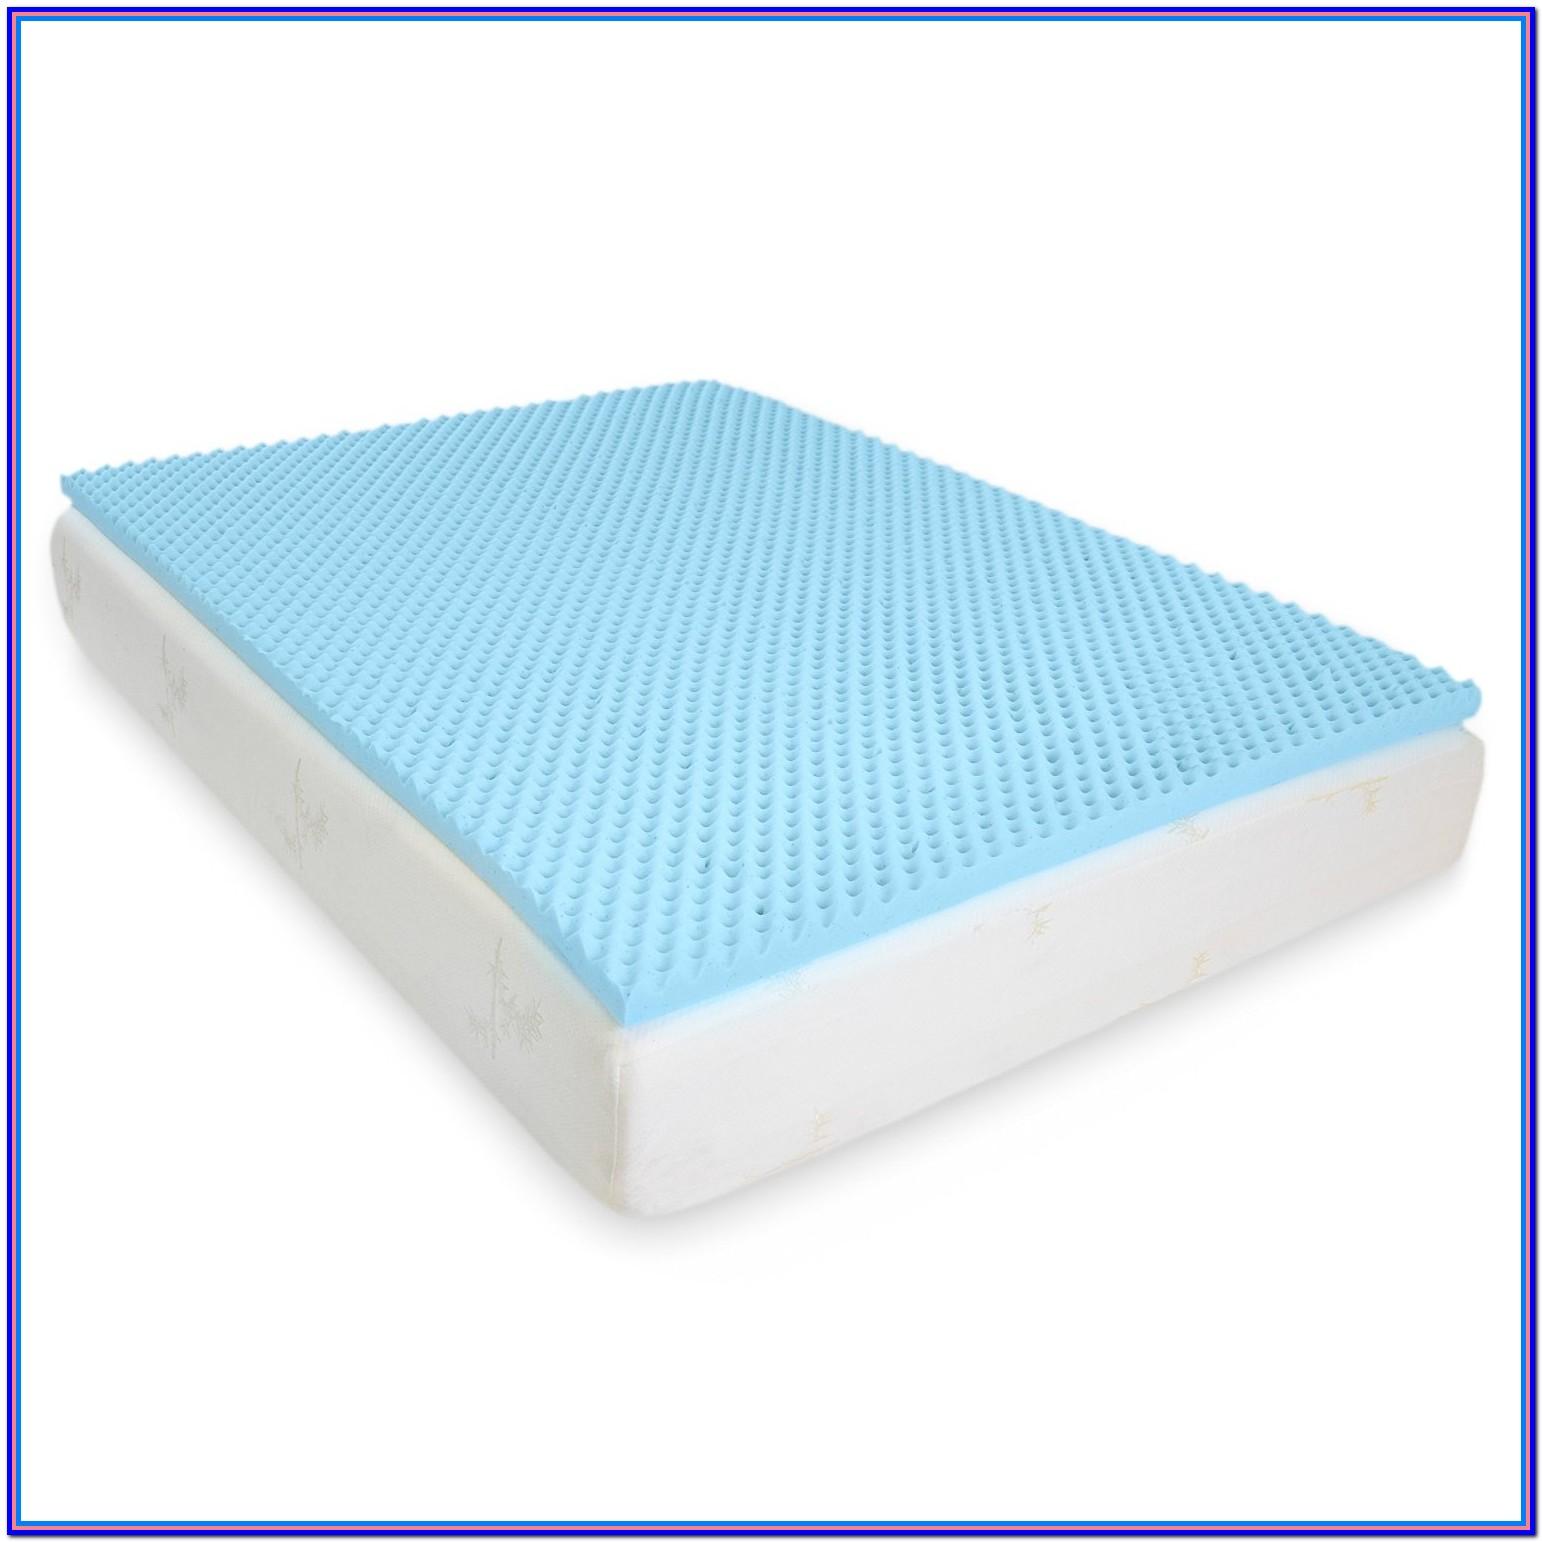 Memory Foam Bed Topper Queen